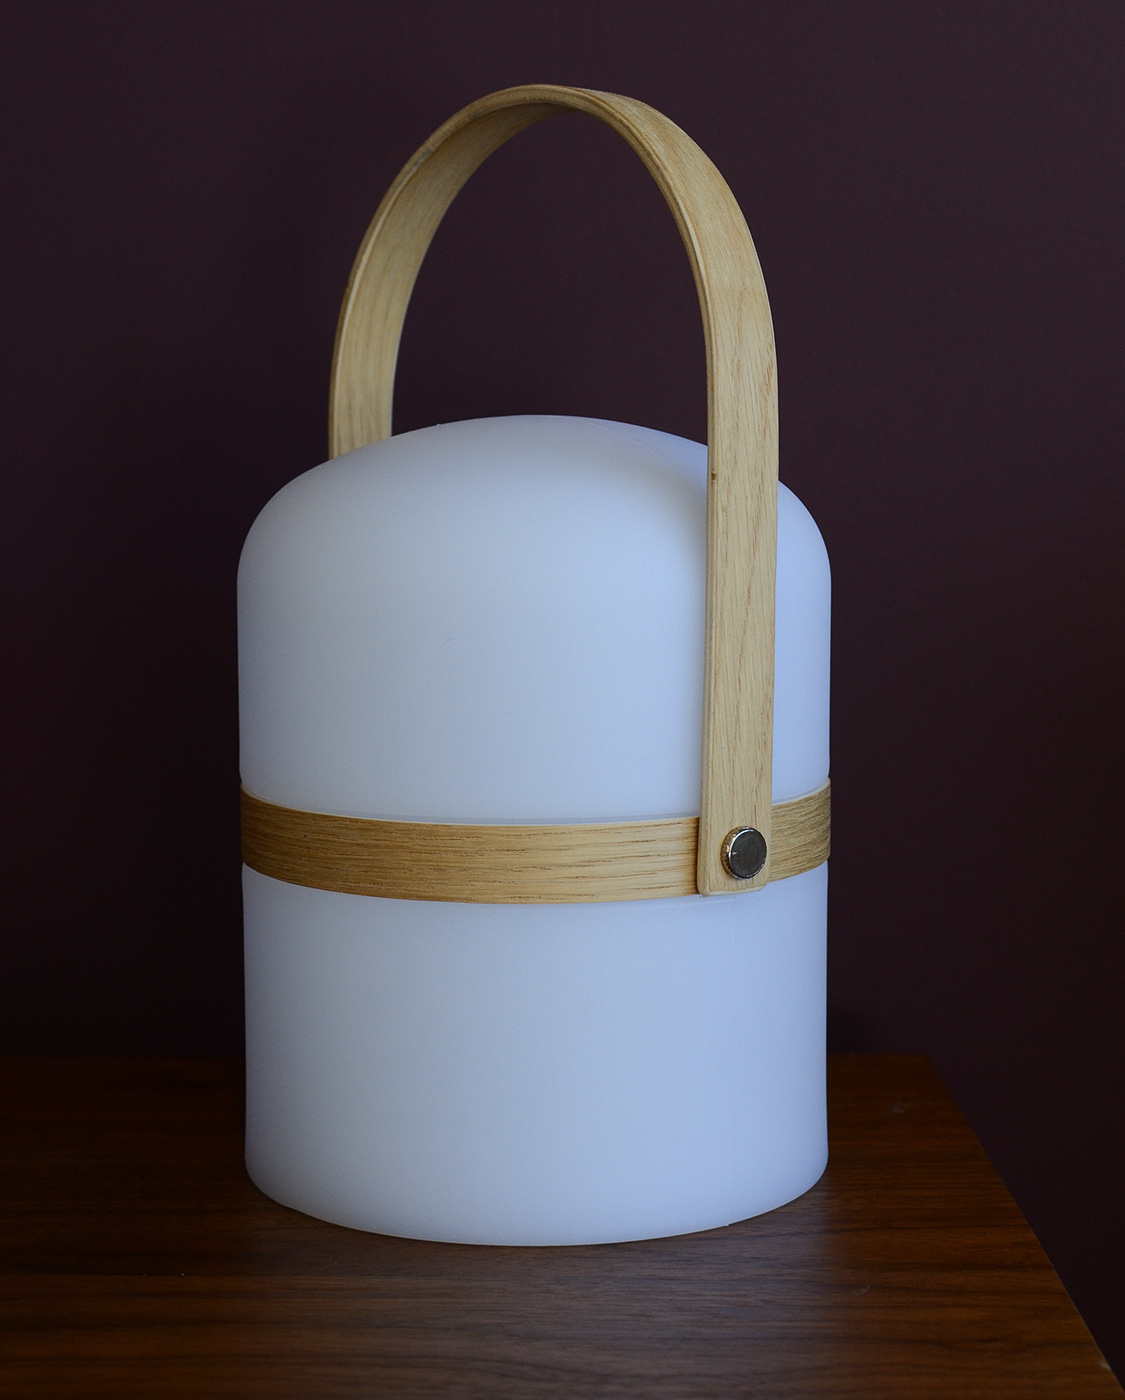 st-ives-rechargeable-lamp-off-portrait